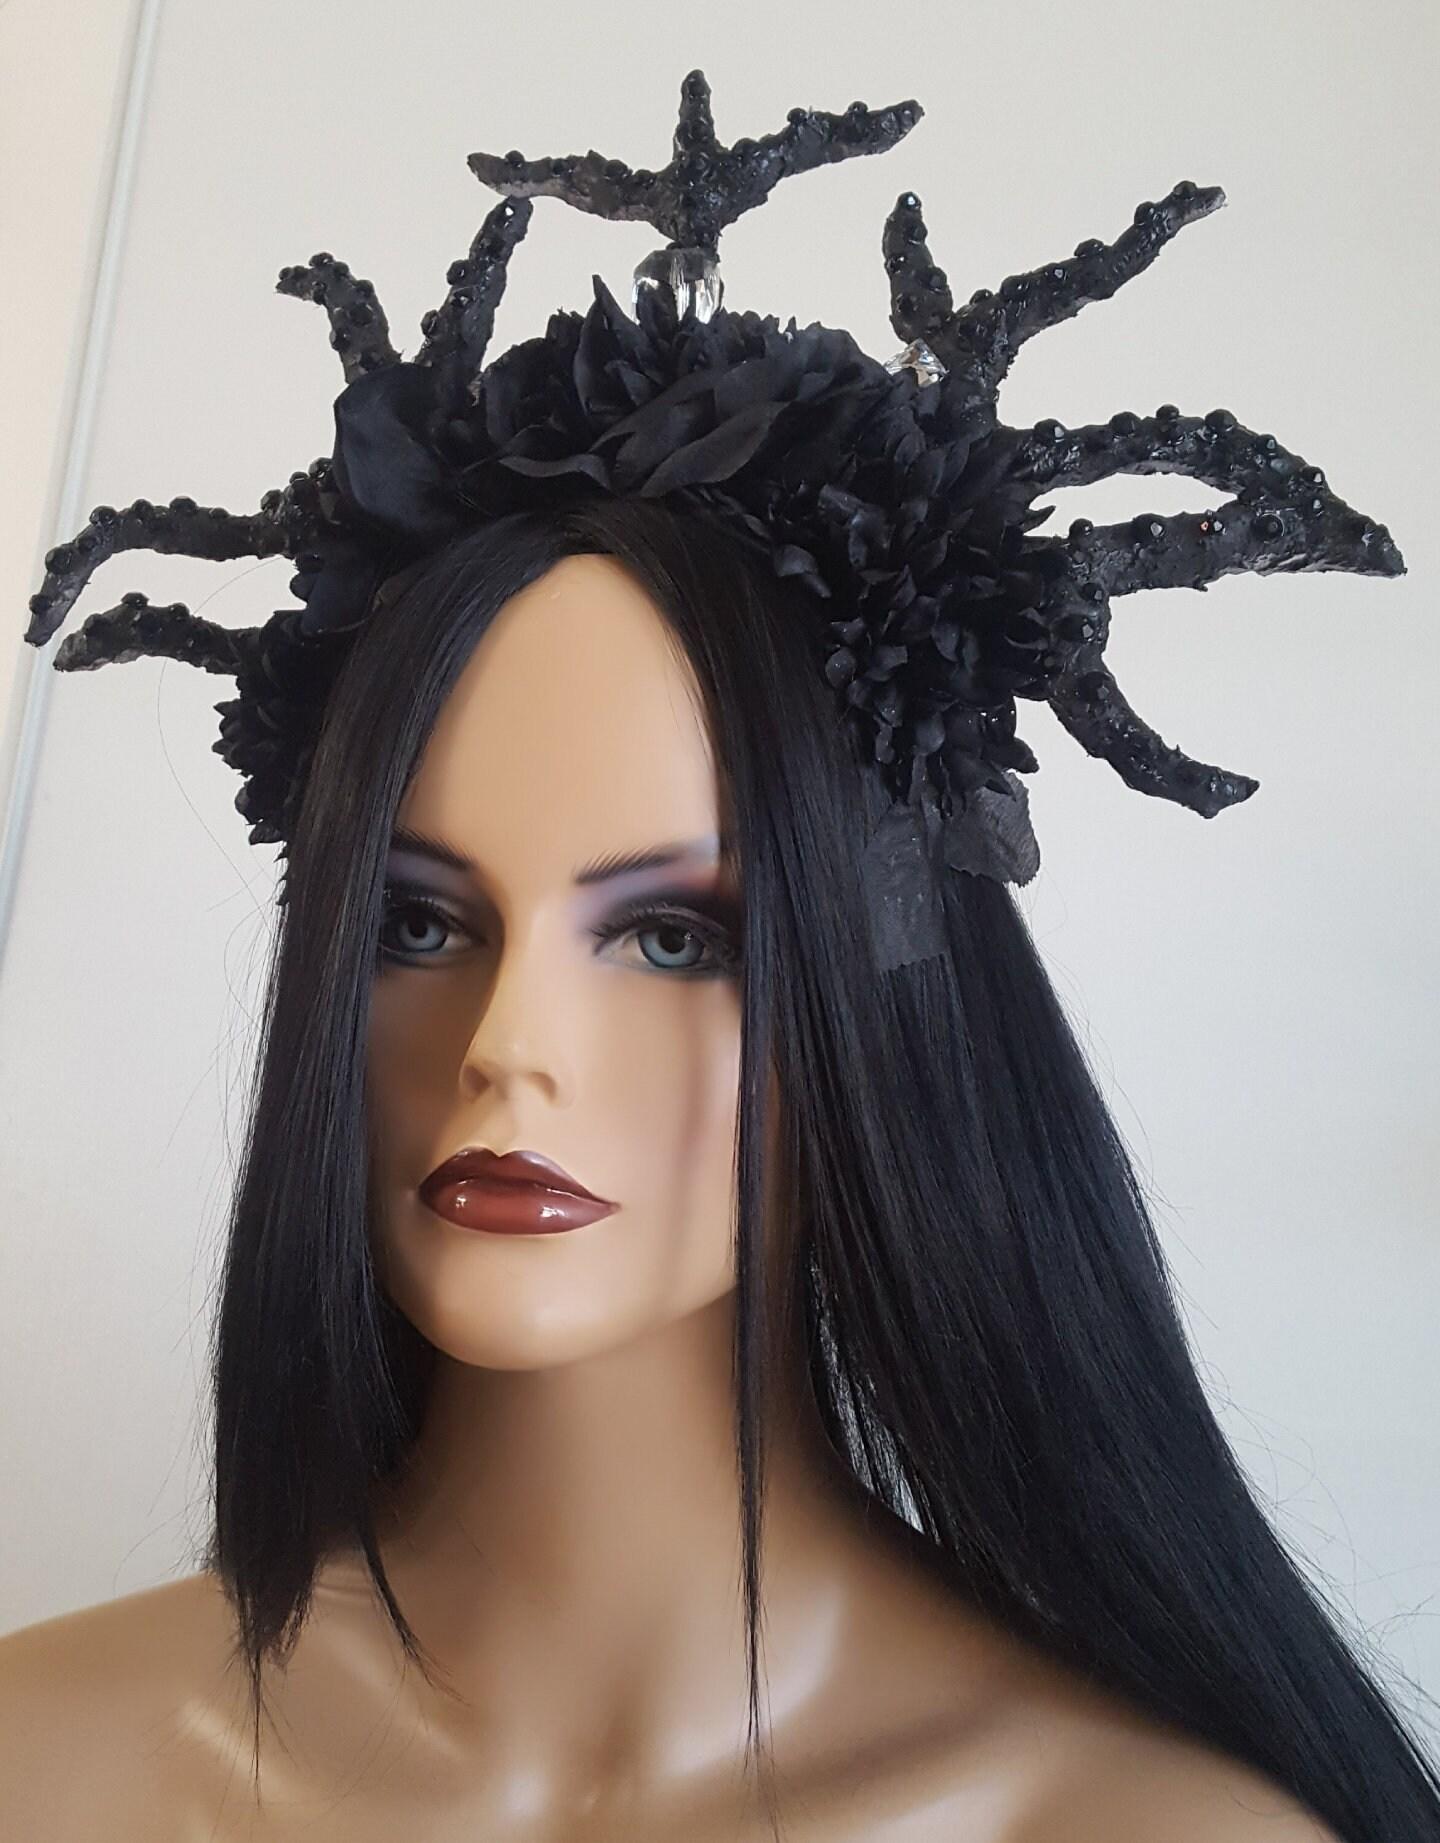 Black Flower Crown Black Crown Black Rose Black Rose Headpiece